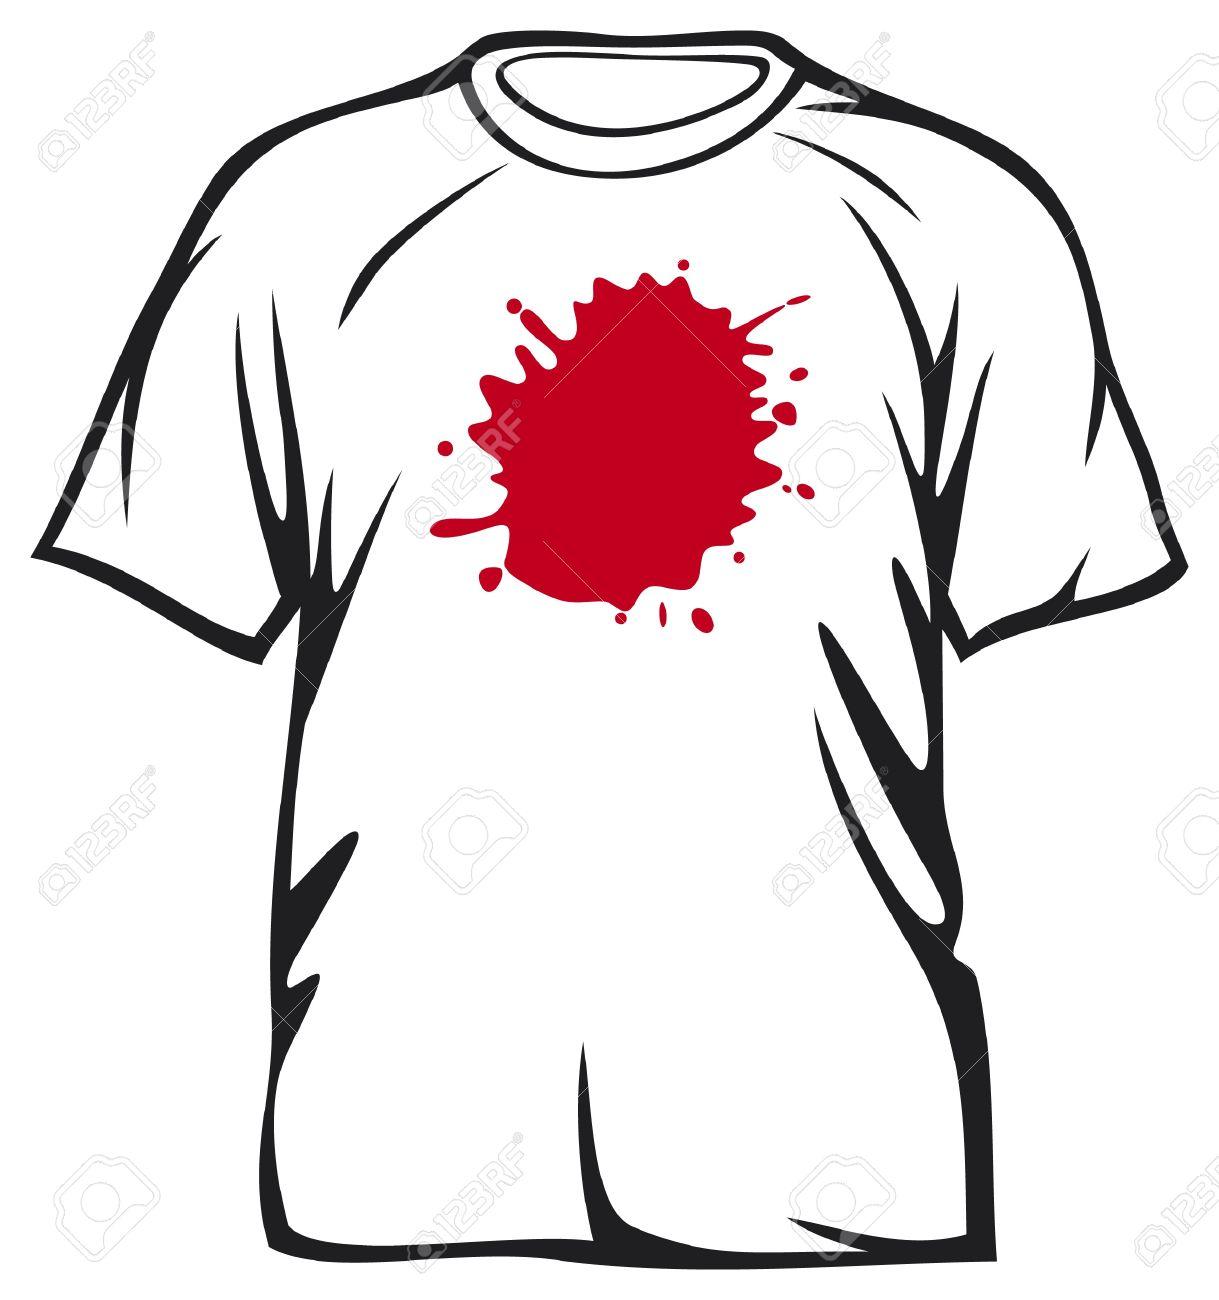 Dirty Shirt Clipart.